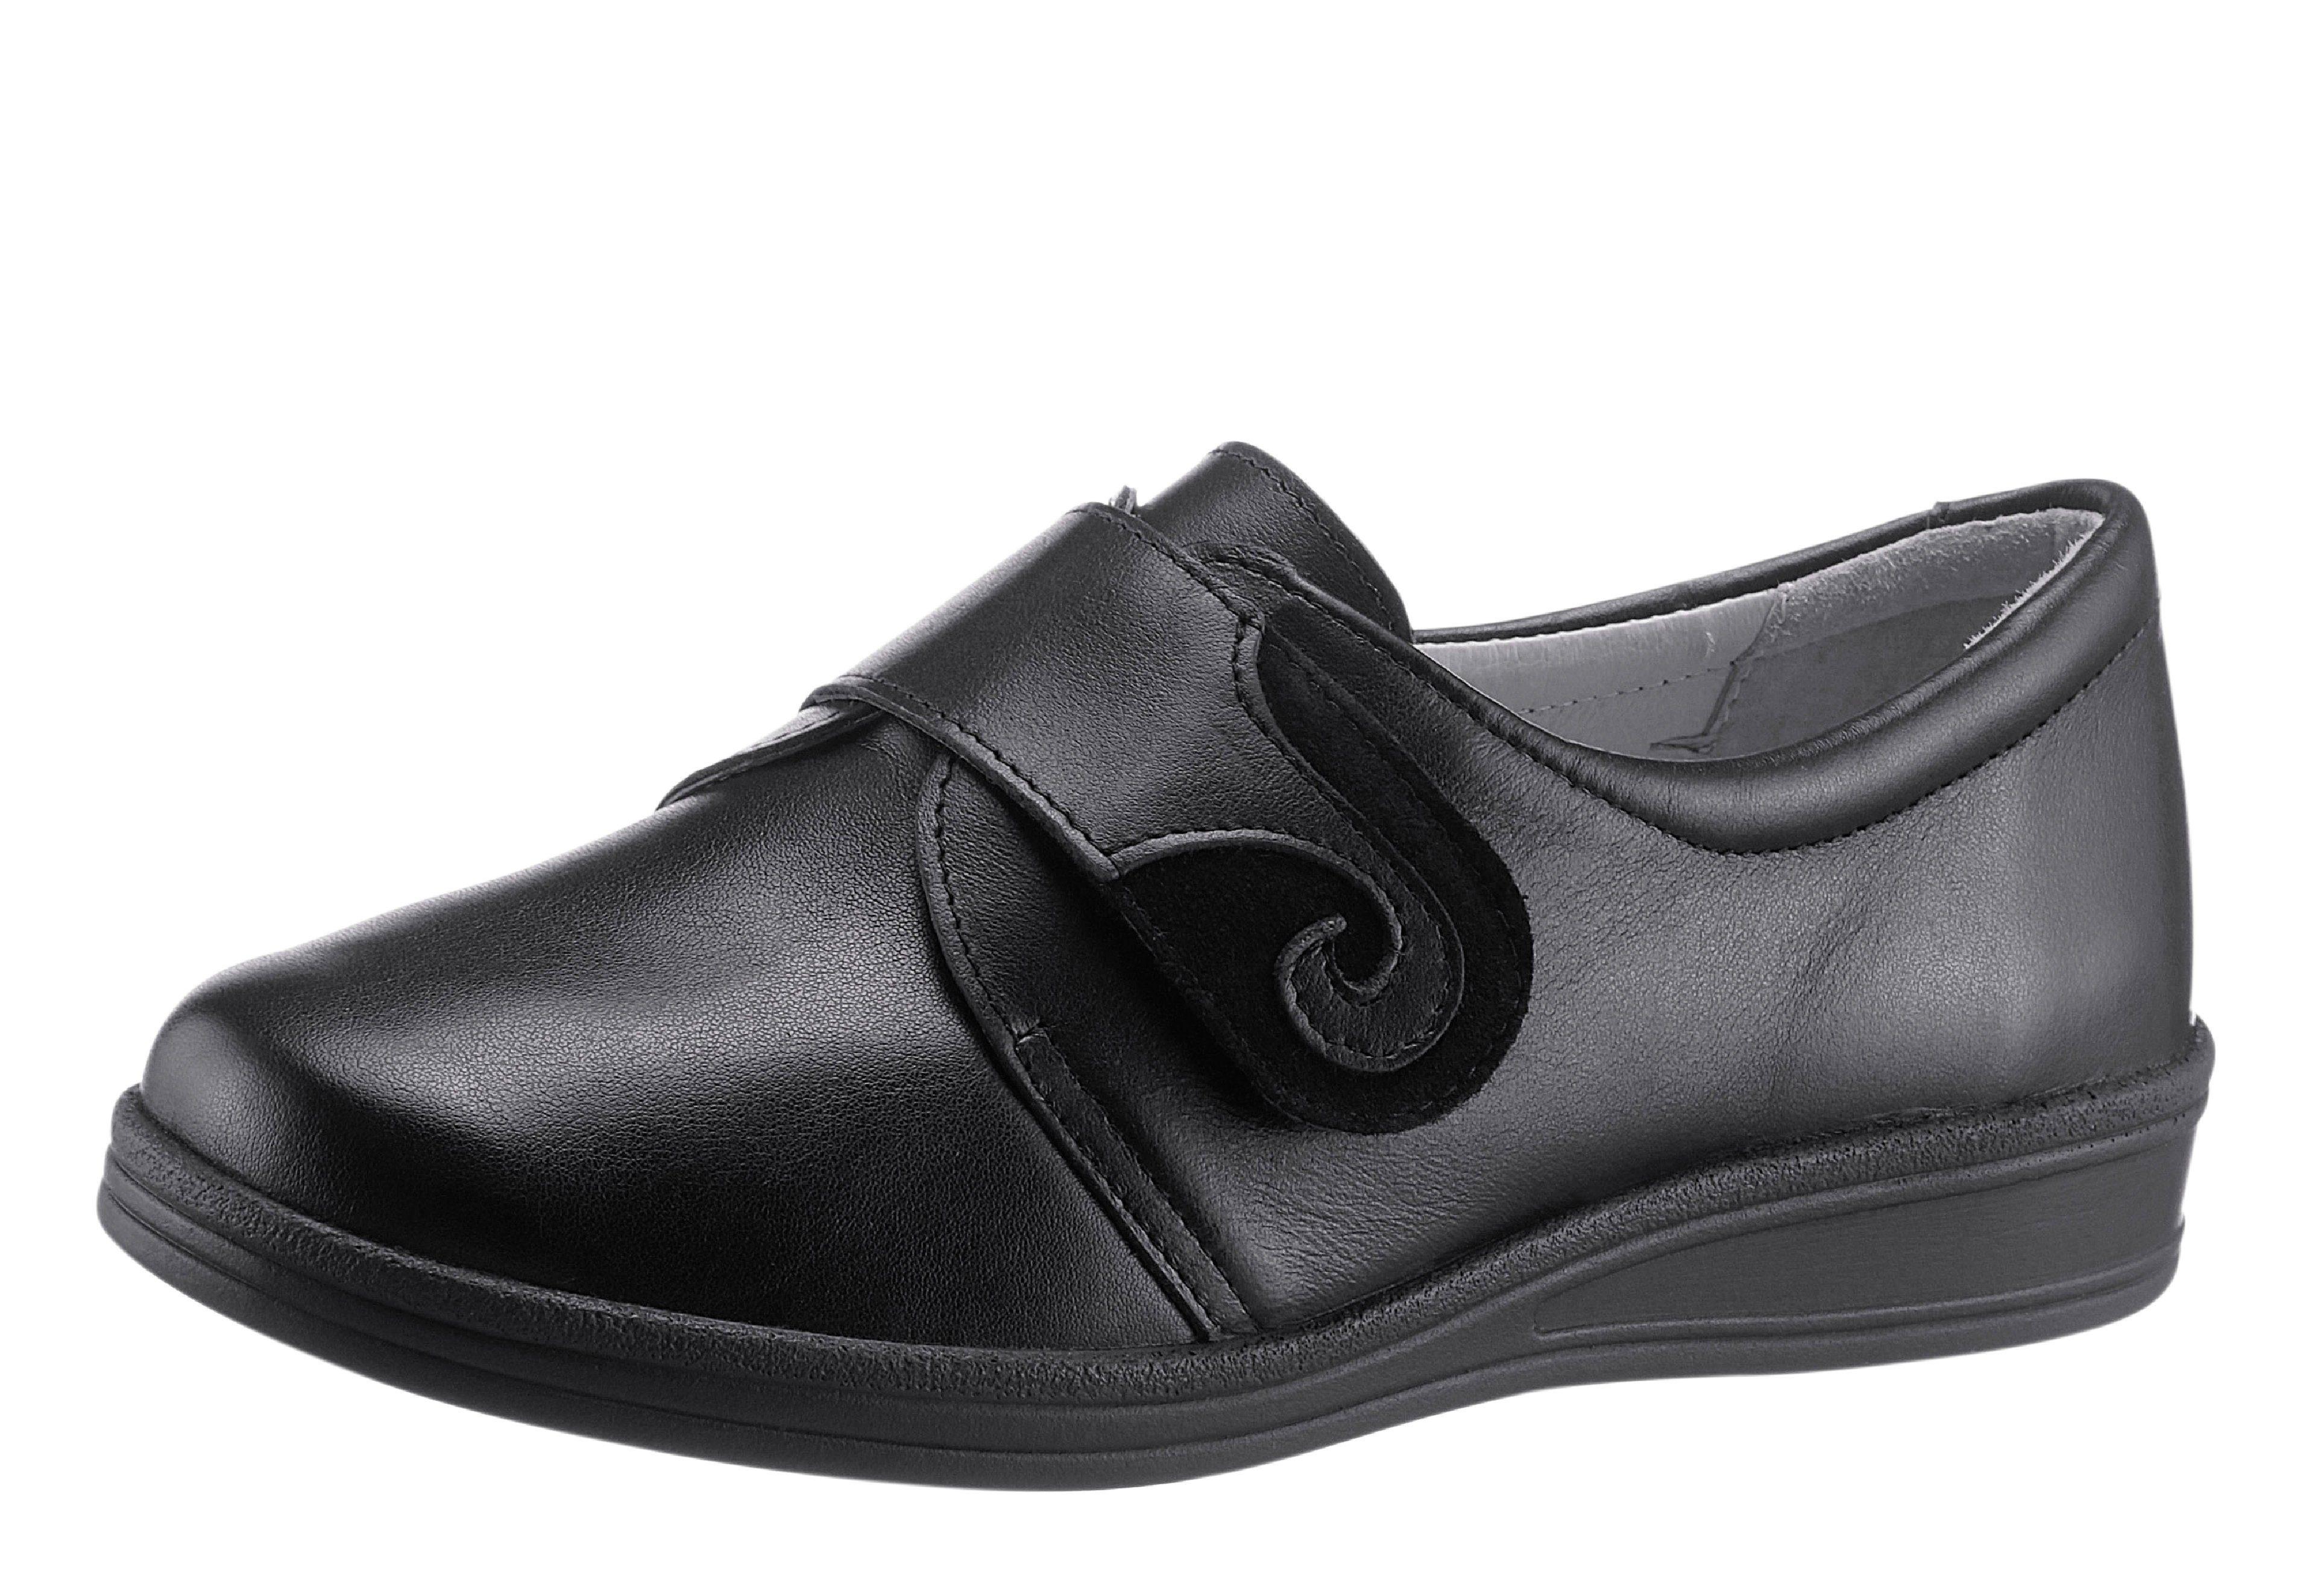 Klittenbandschoenen met uitneembaar, leren voetbed